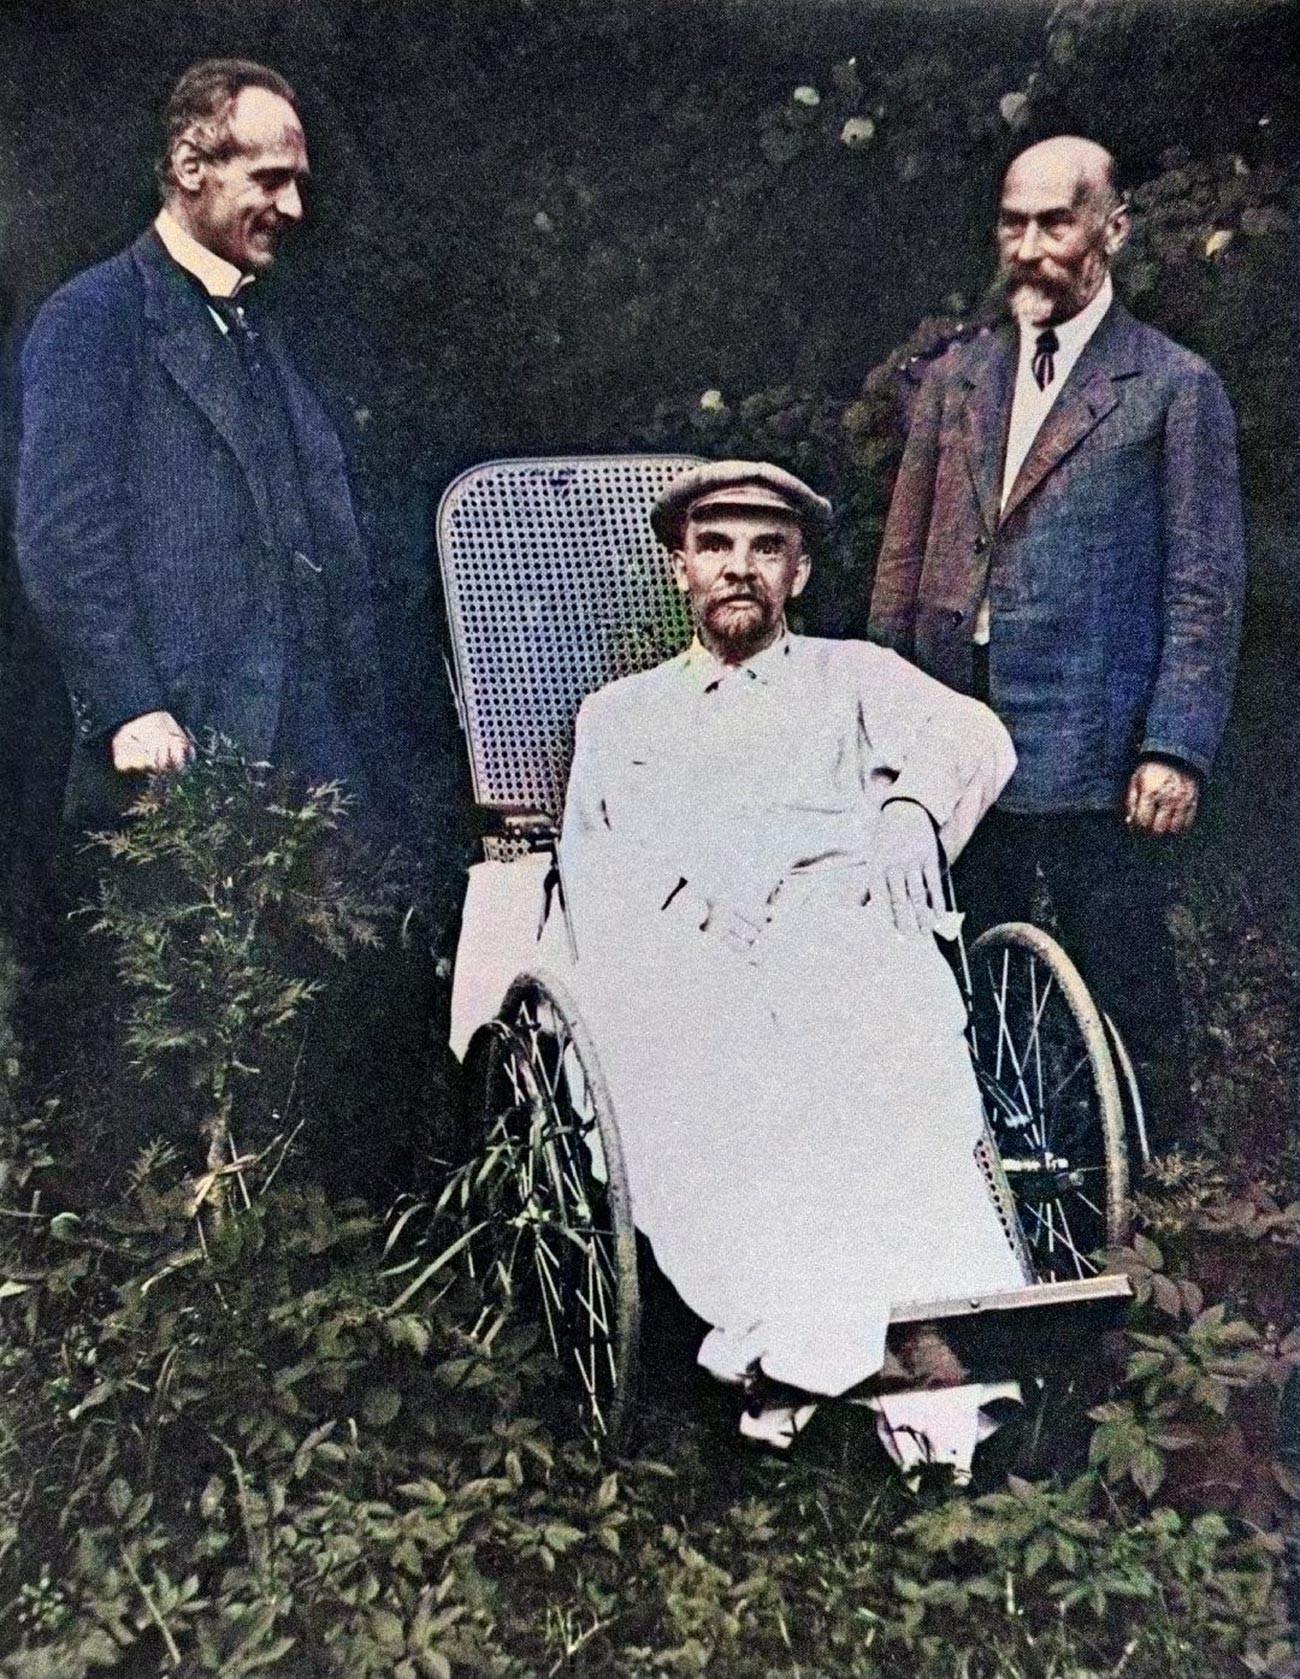 ゴールキ別荘、1923年。ウラジーミル・レーニンの最後の写真の一つ